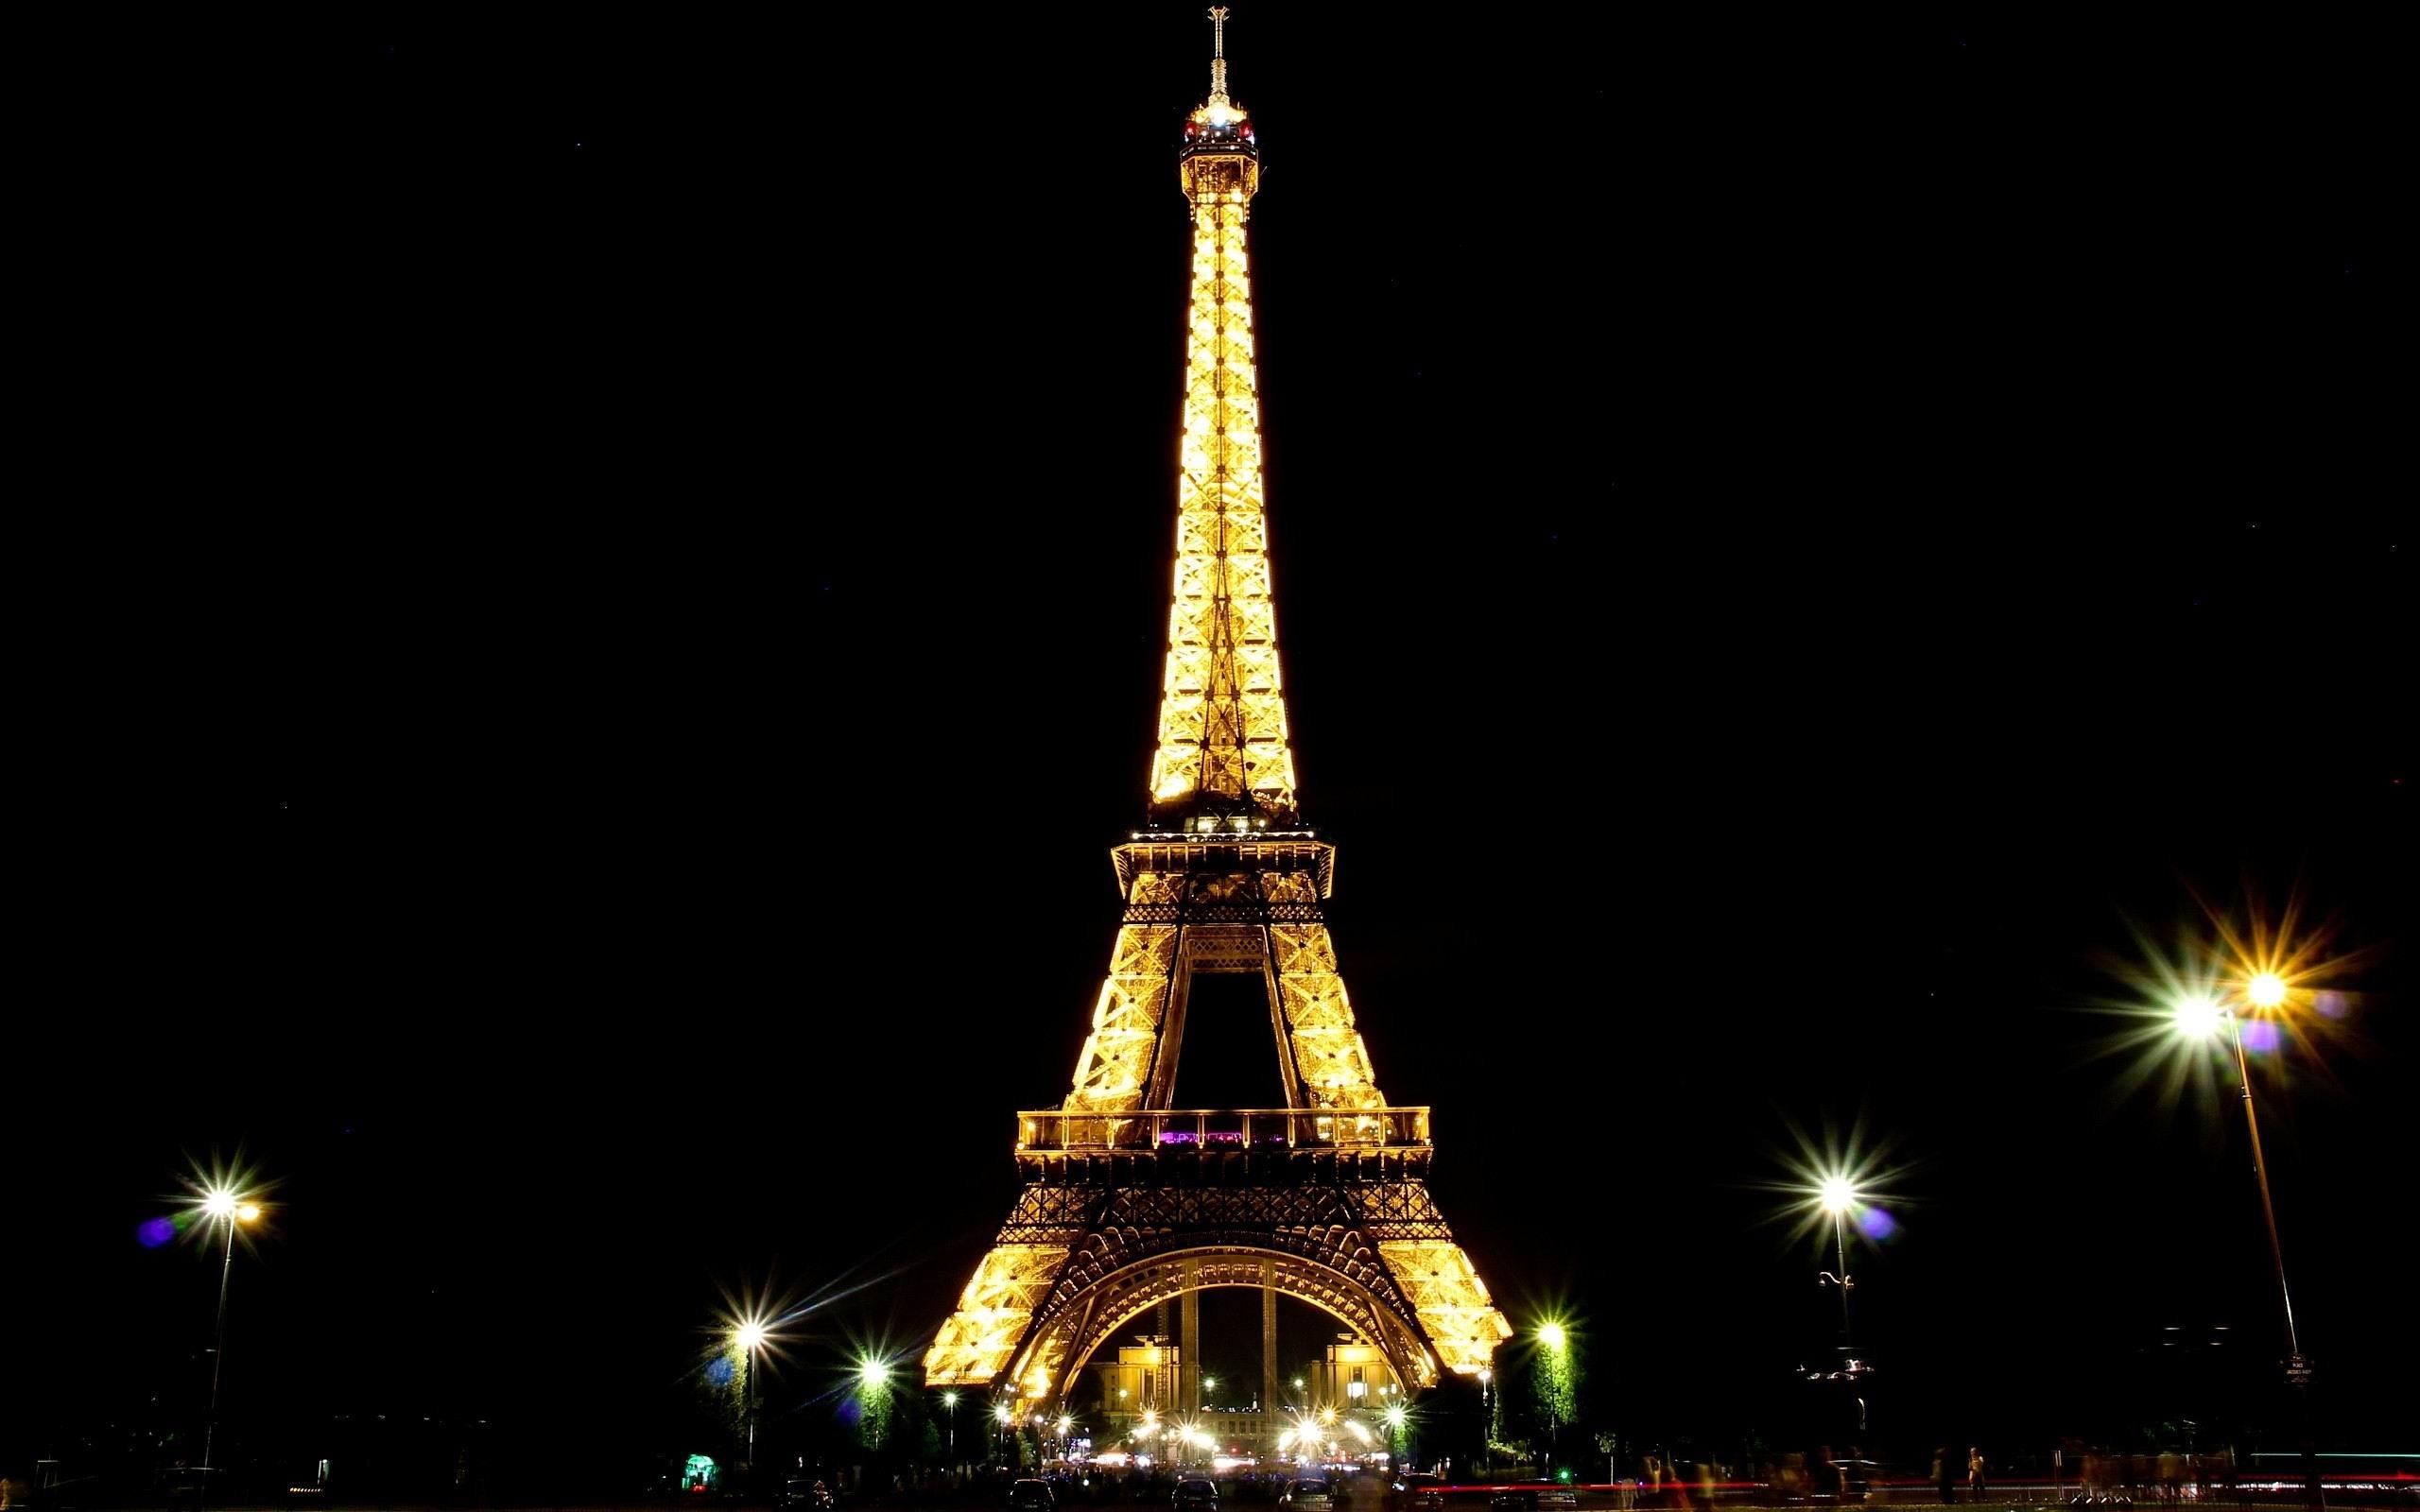 パリフランスのエッフェル塔 写真壁紙プレビュー 10wallpaper Com